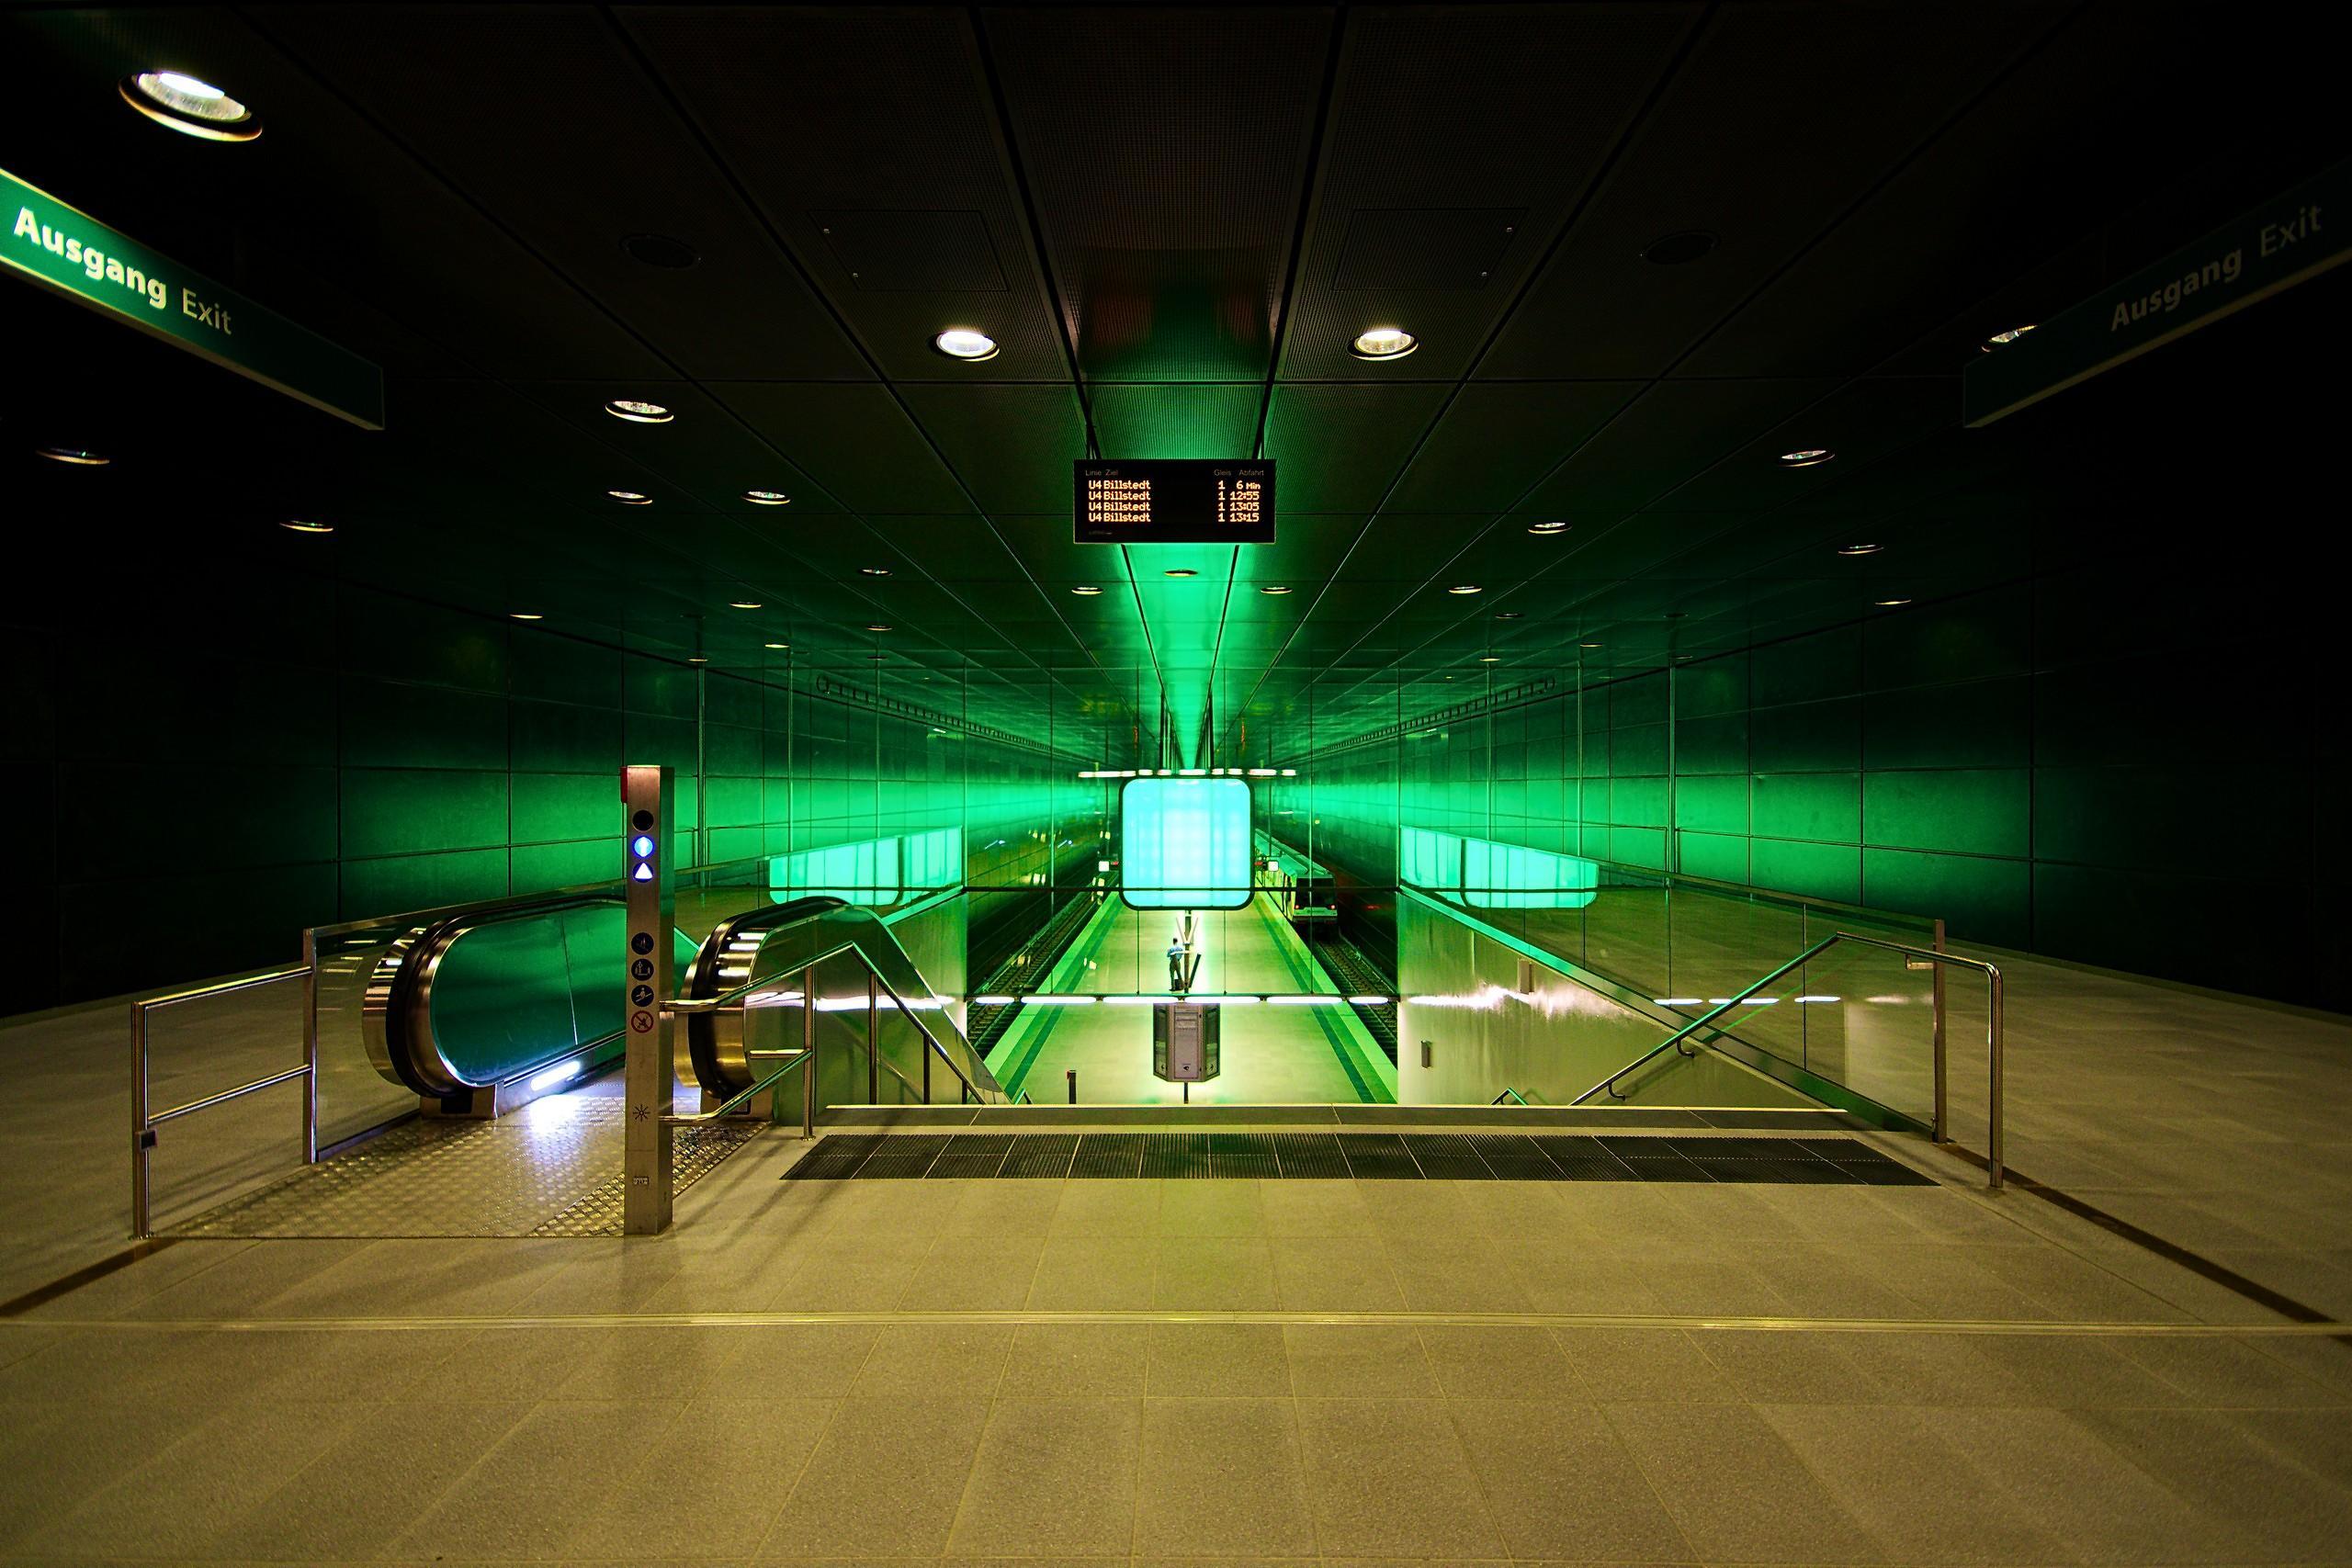 Ausgang Exit